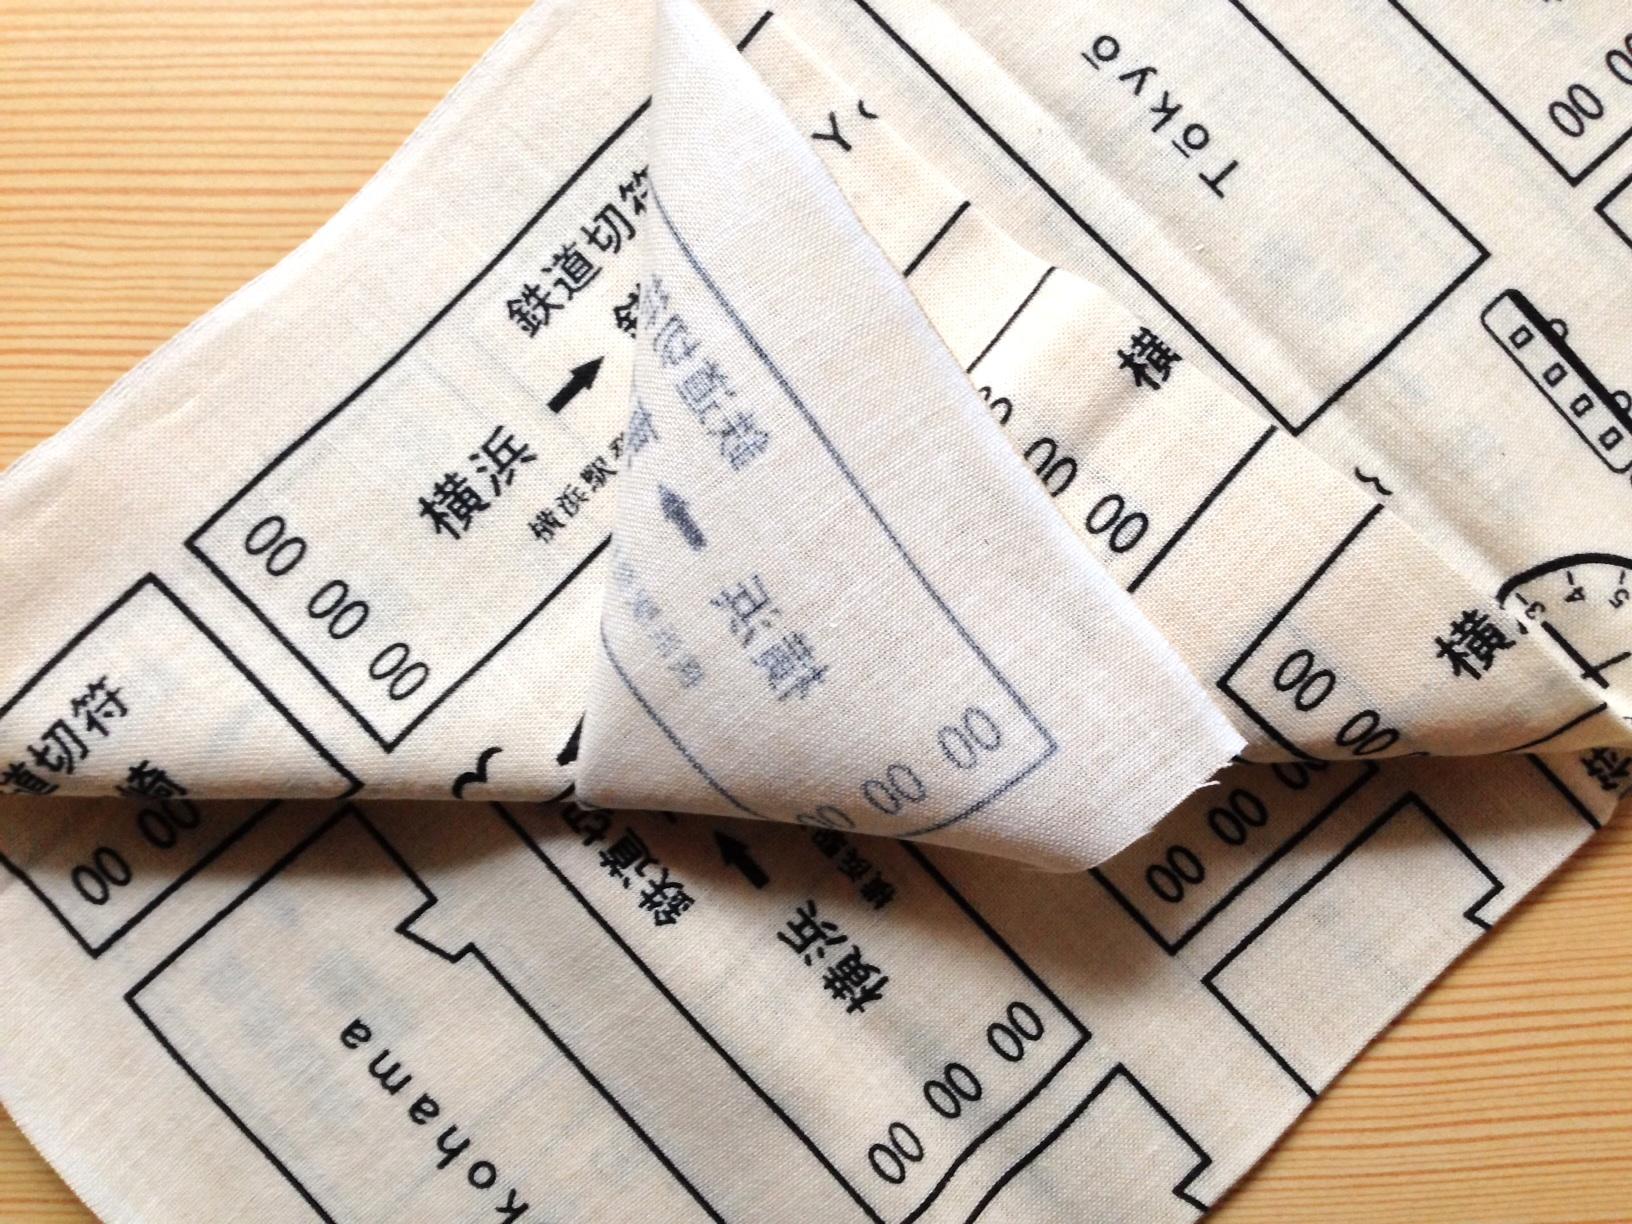 濱文様の日本てぬぐい